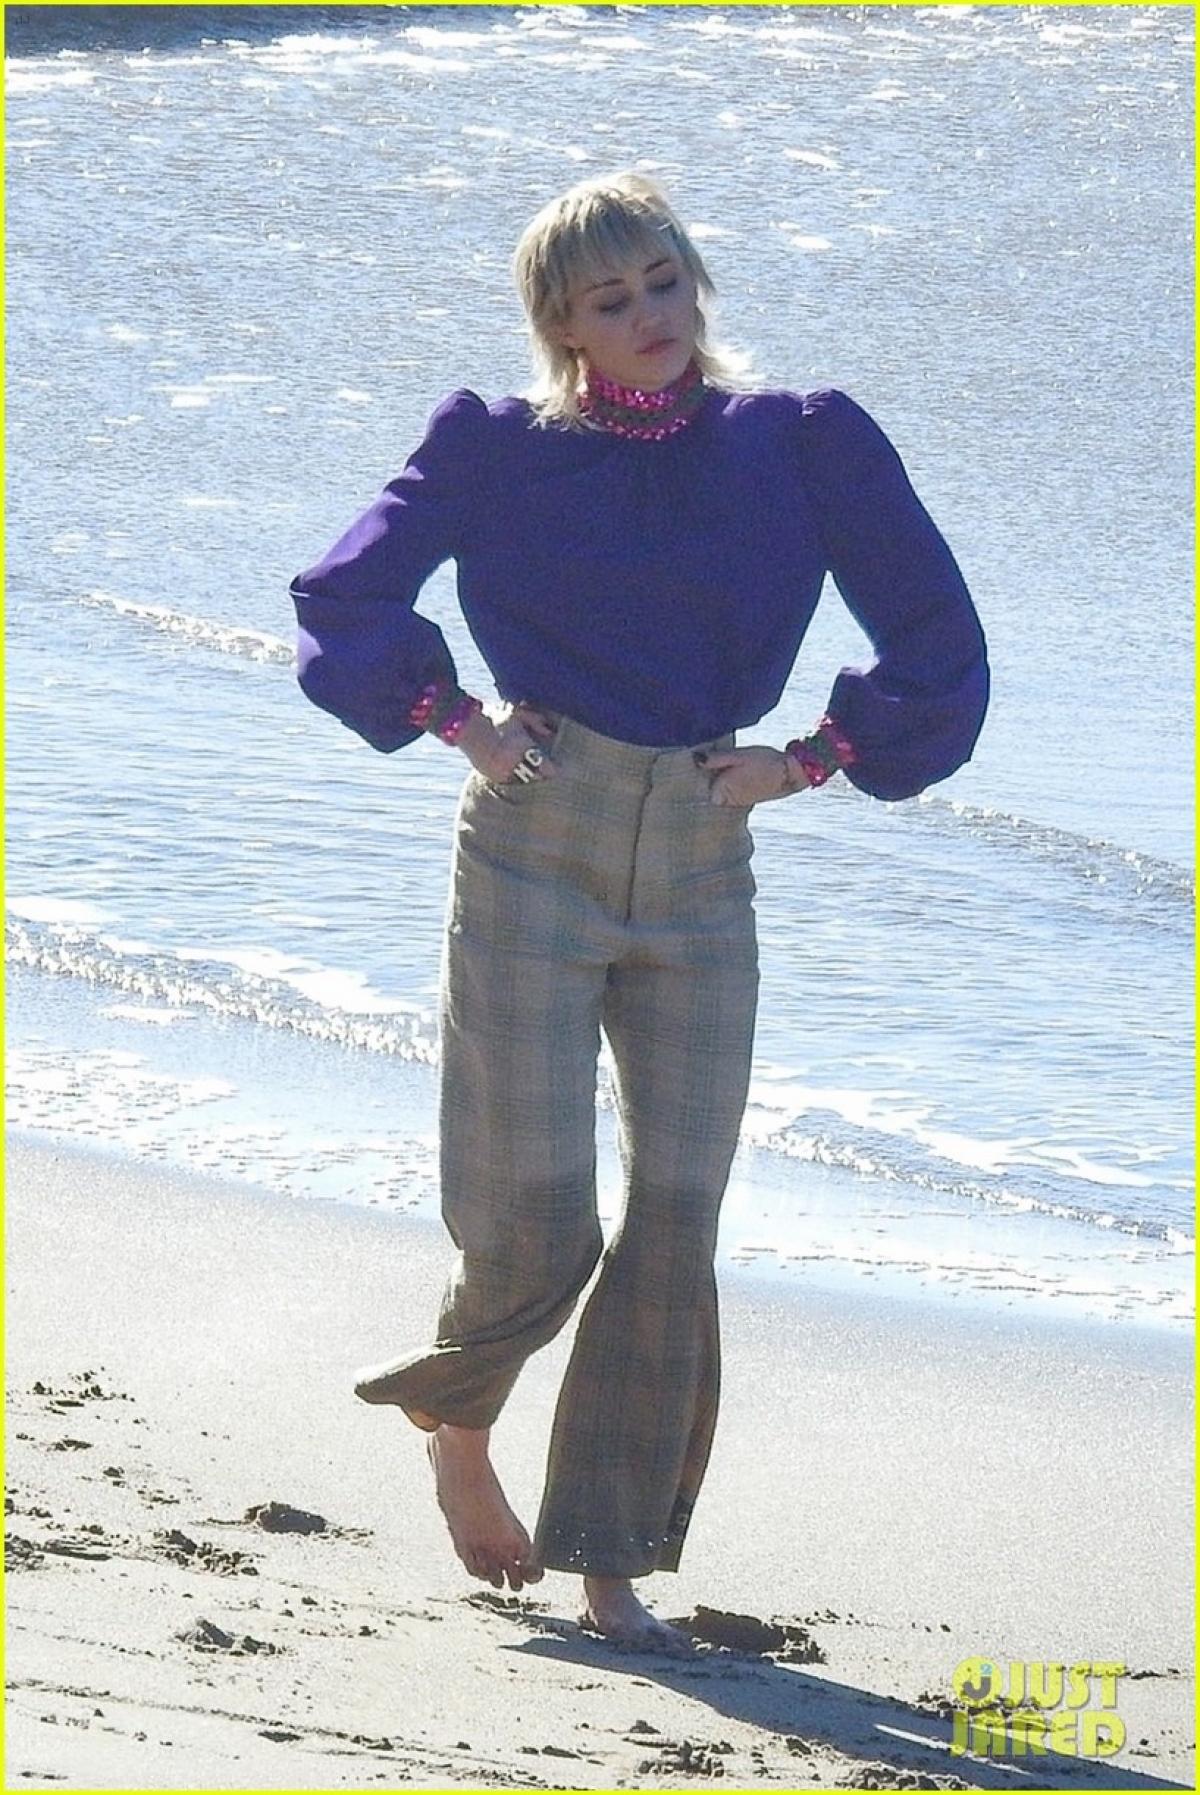 Miley Cyrus thu hút mọi ánh nhìn khi đang quay MV mới trên bãi biển ở Malibu ngày 18/1 vừa qua.